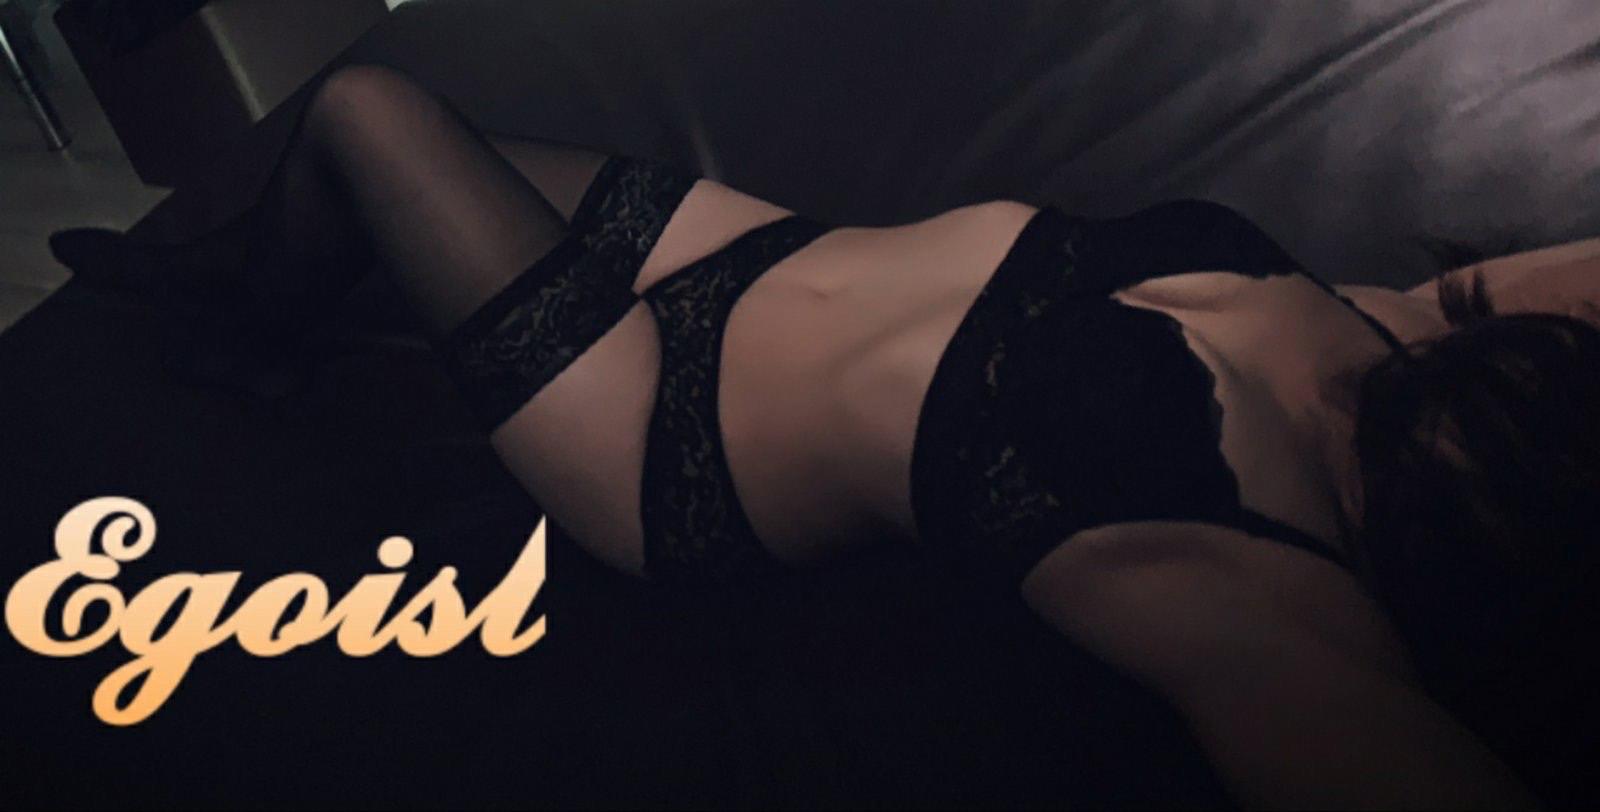 Салон эротического массажа в Днепре